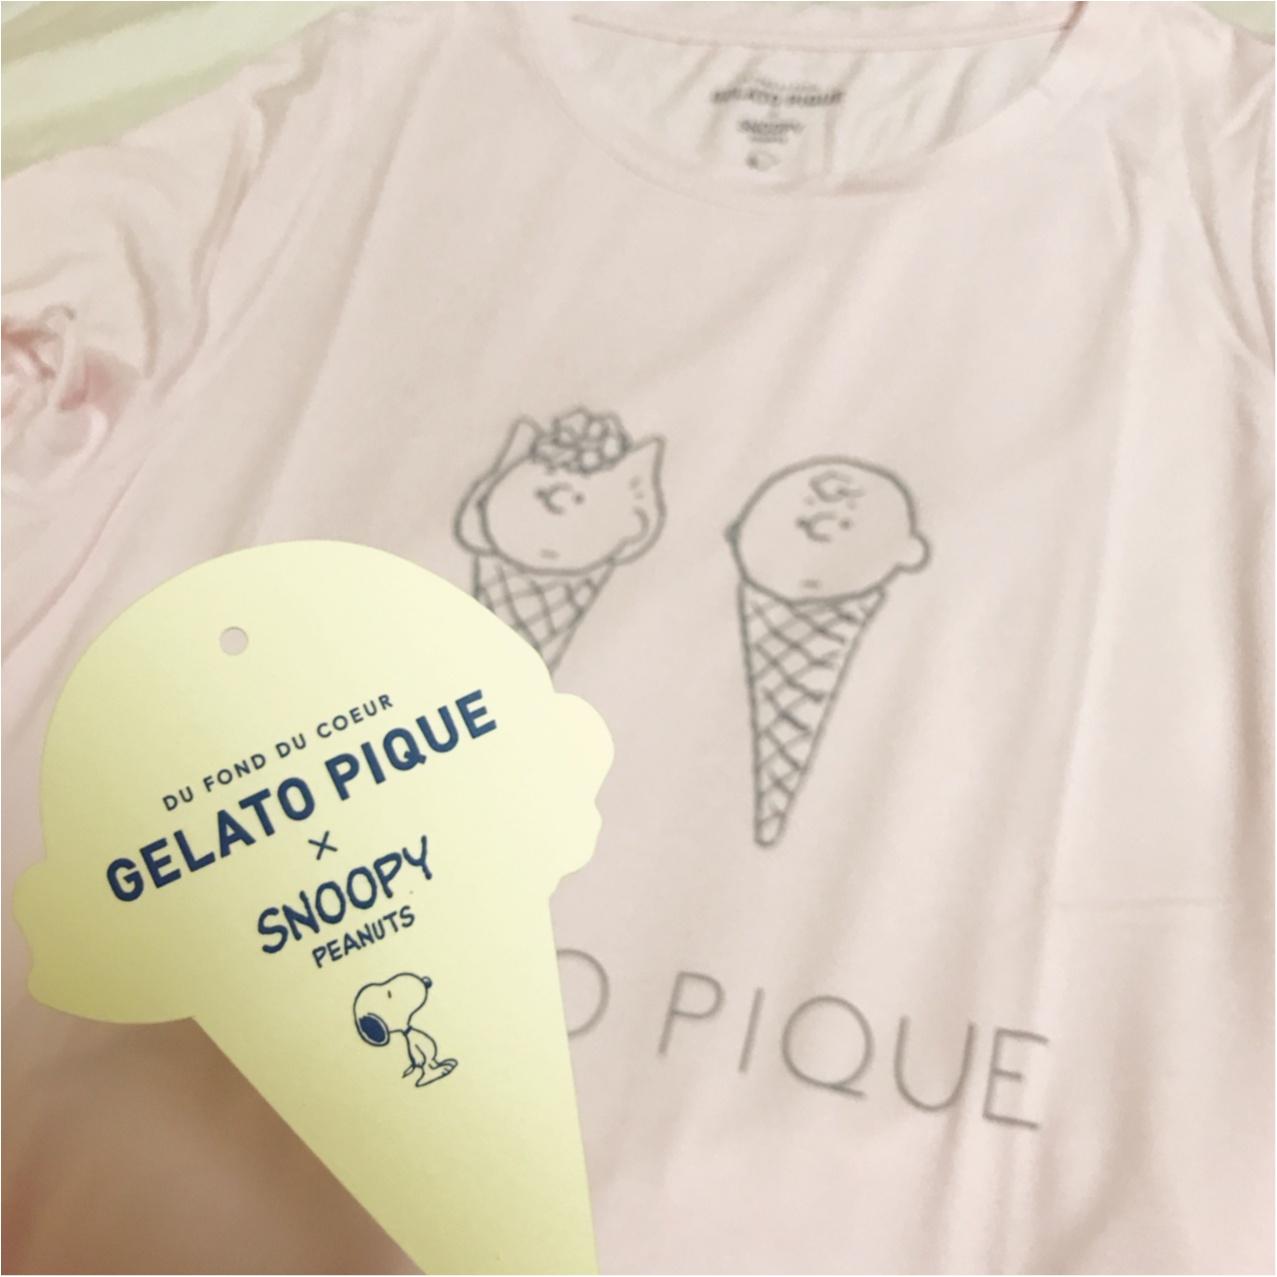 シュールかわいい!?【gelato pique × SNOOPY】のコラボルームウエア♡_2